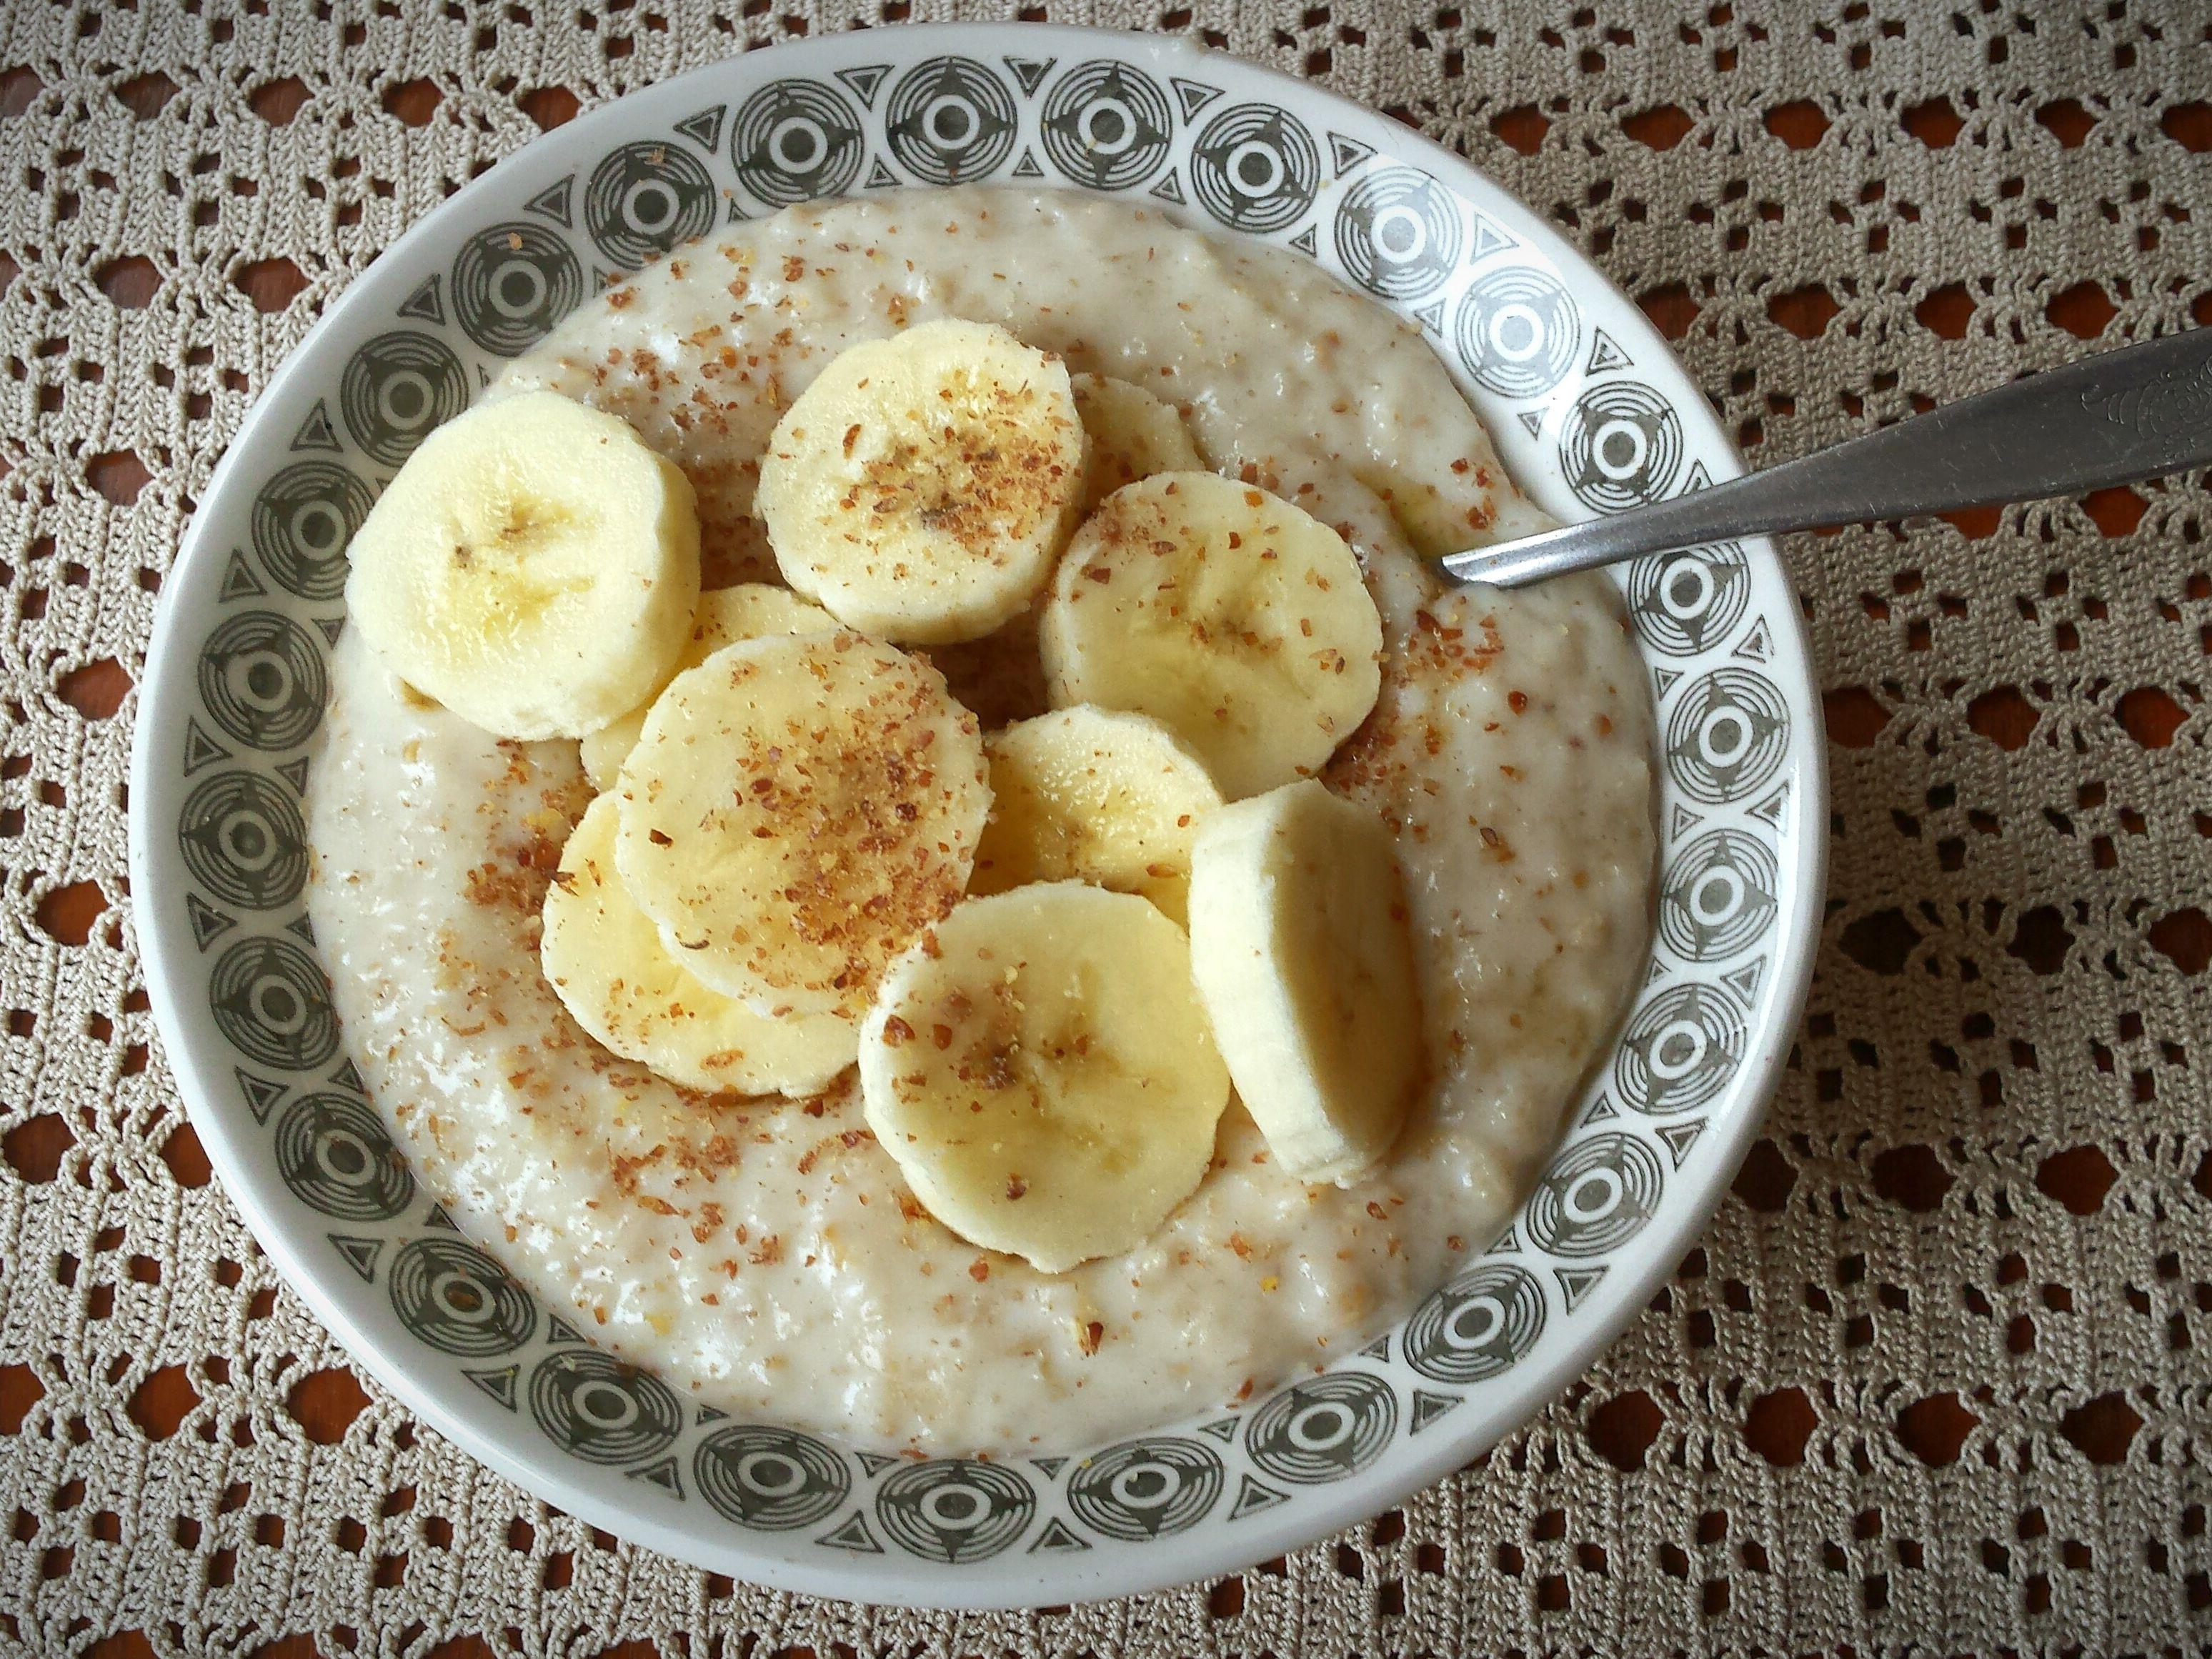 brat diet help you lose weight